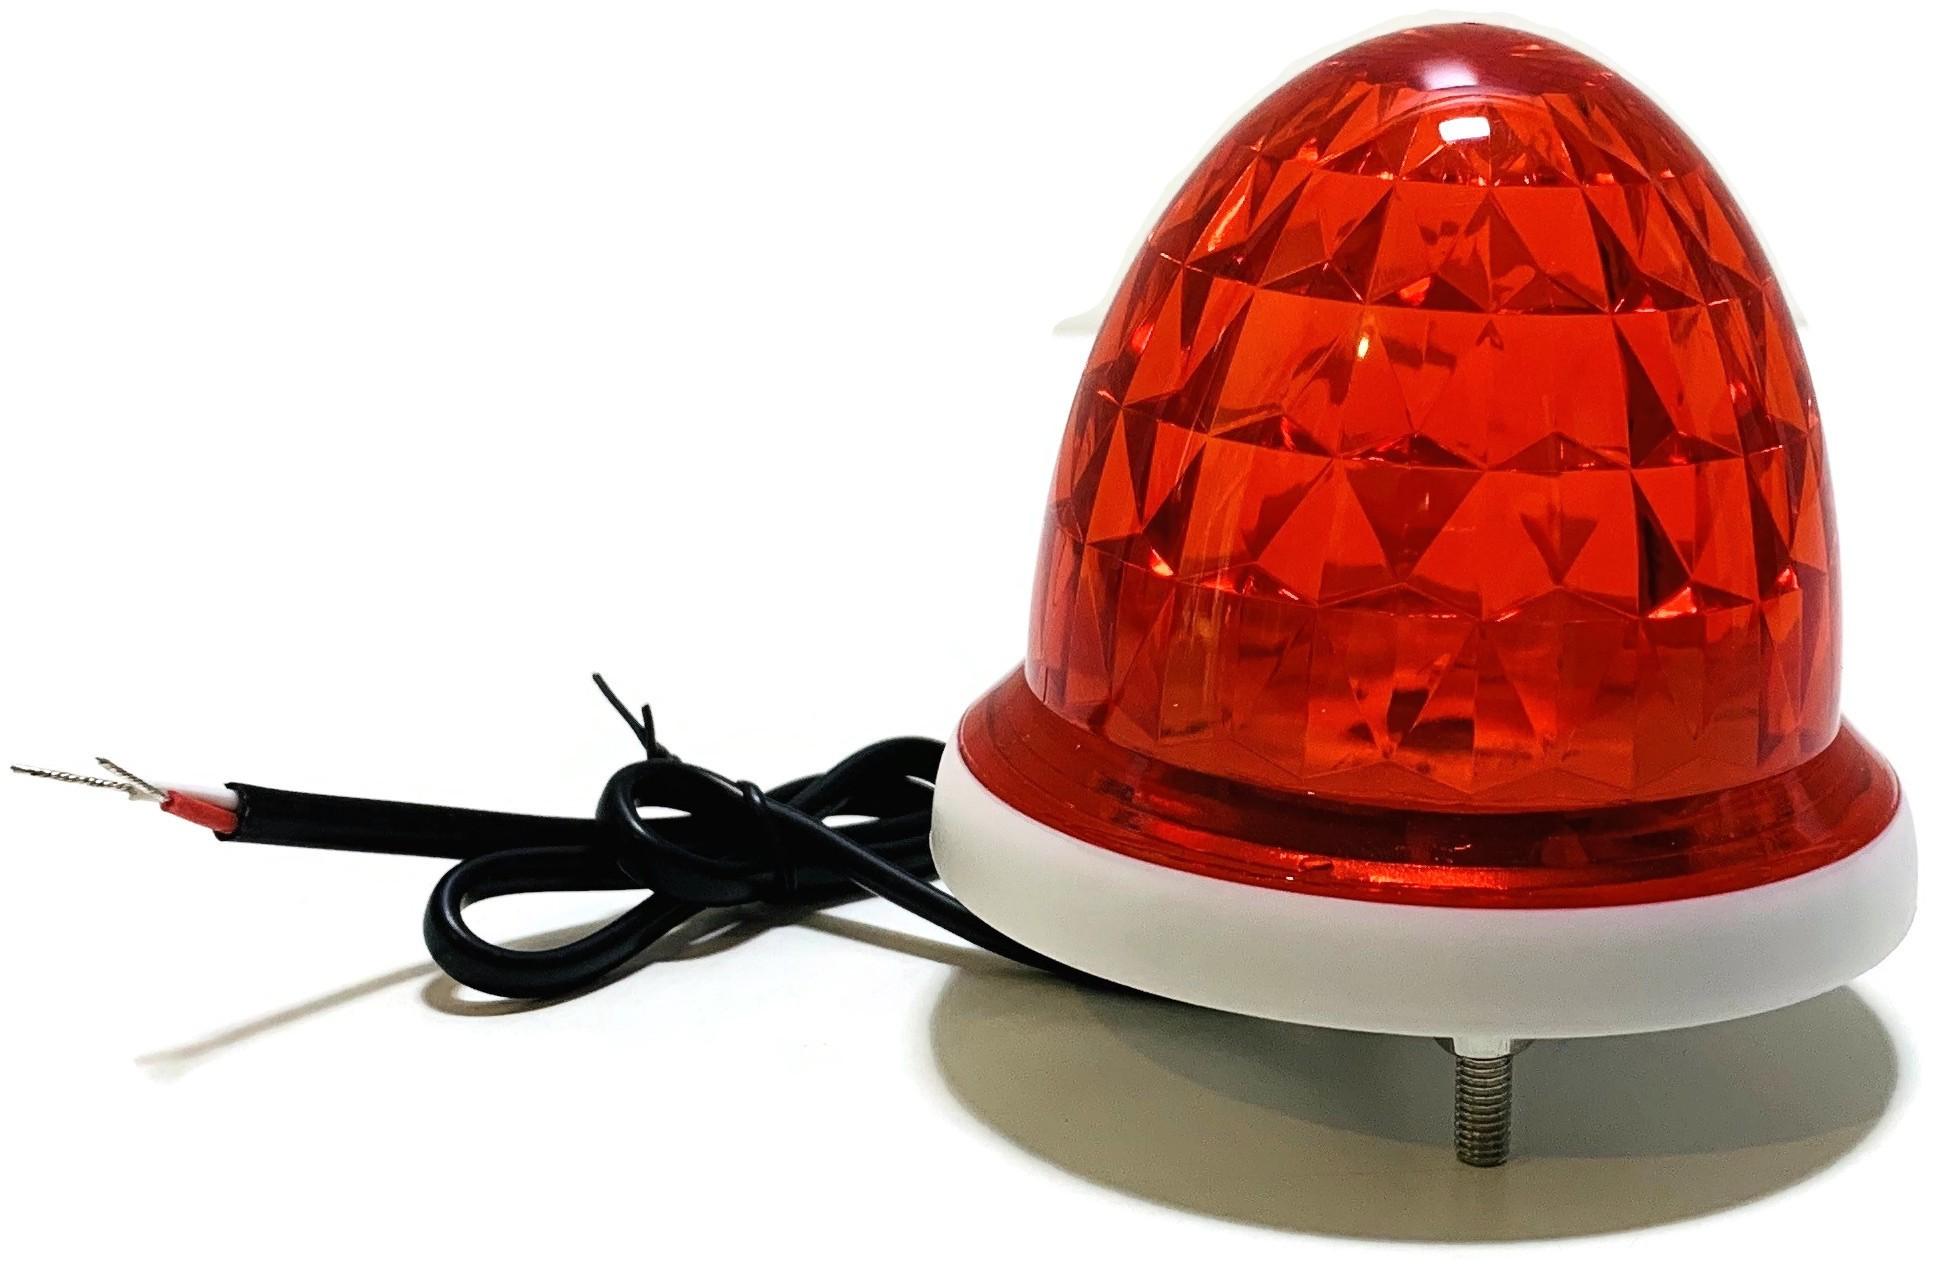 KOGUT LAMPA BRAMY DRZWI CZERWONY 12V 24V